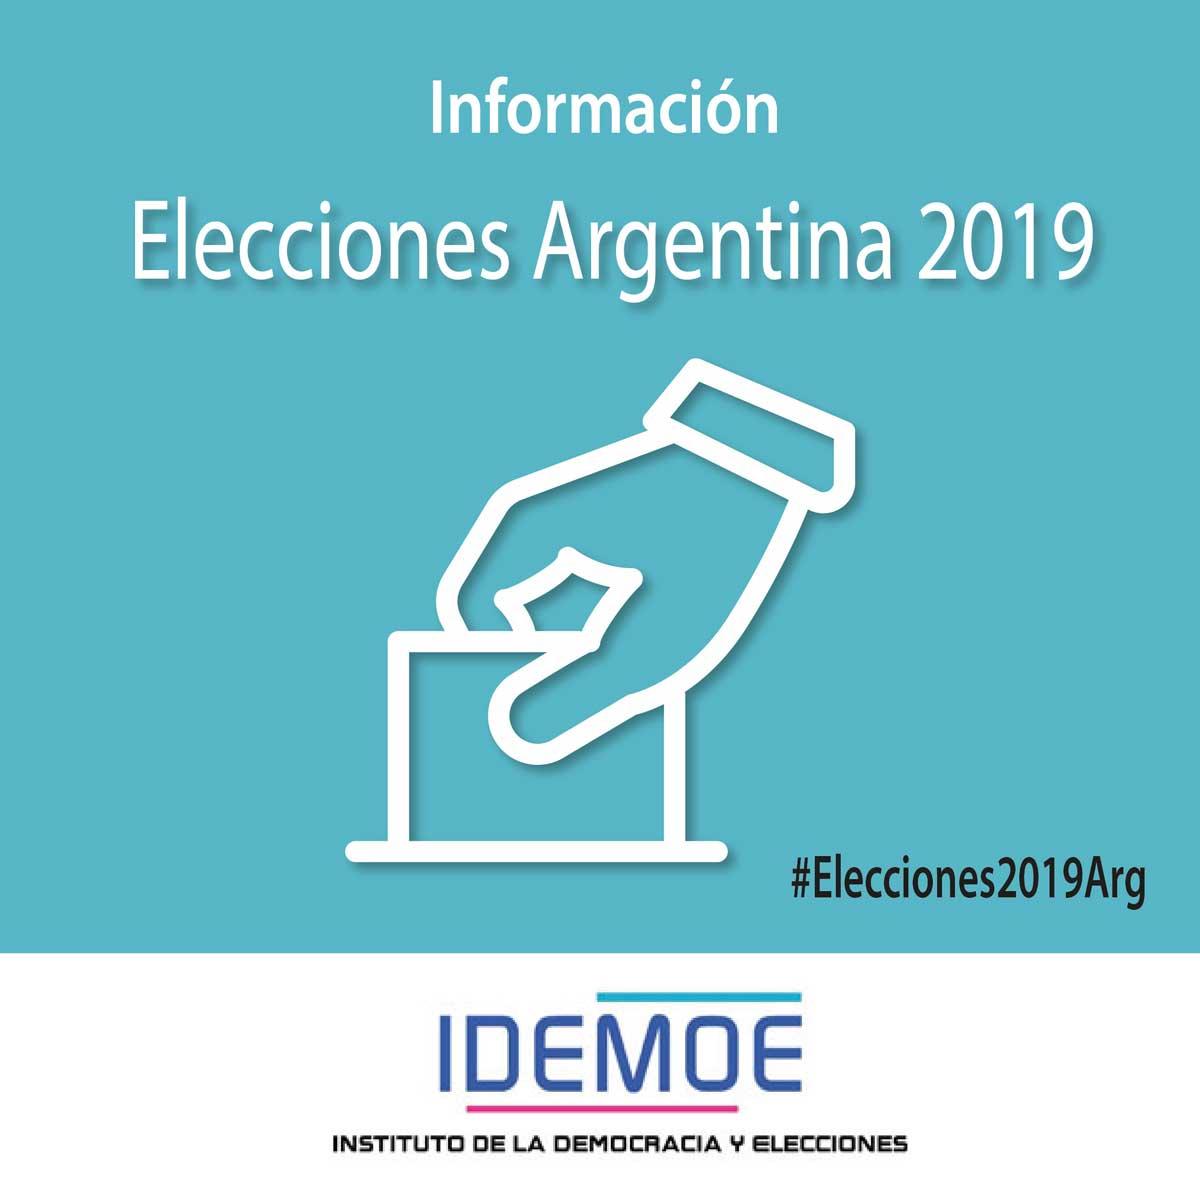 elecciones idemoe 2019 ARGENTINA - Elecciones Argentinas 2019 8 febrero, 2019